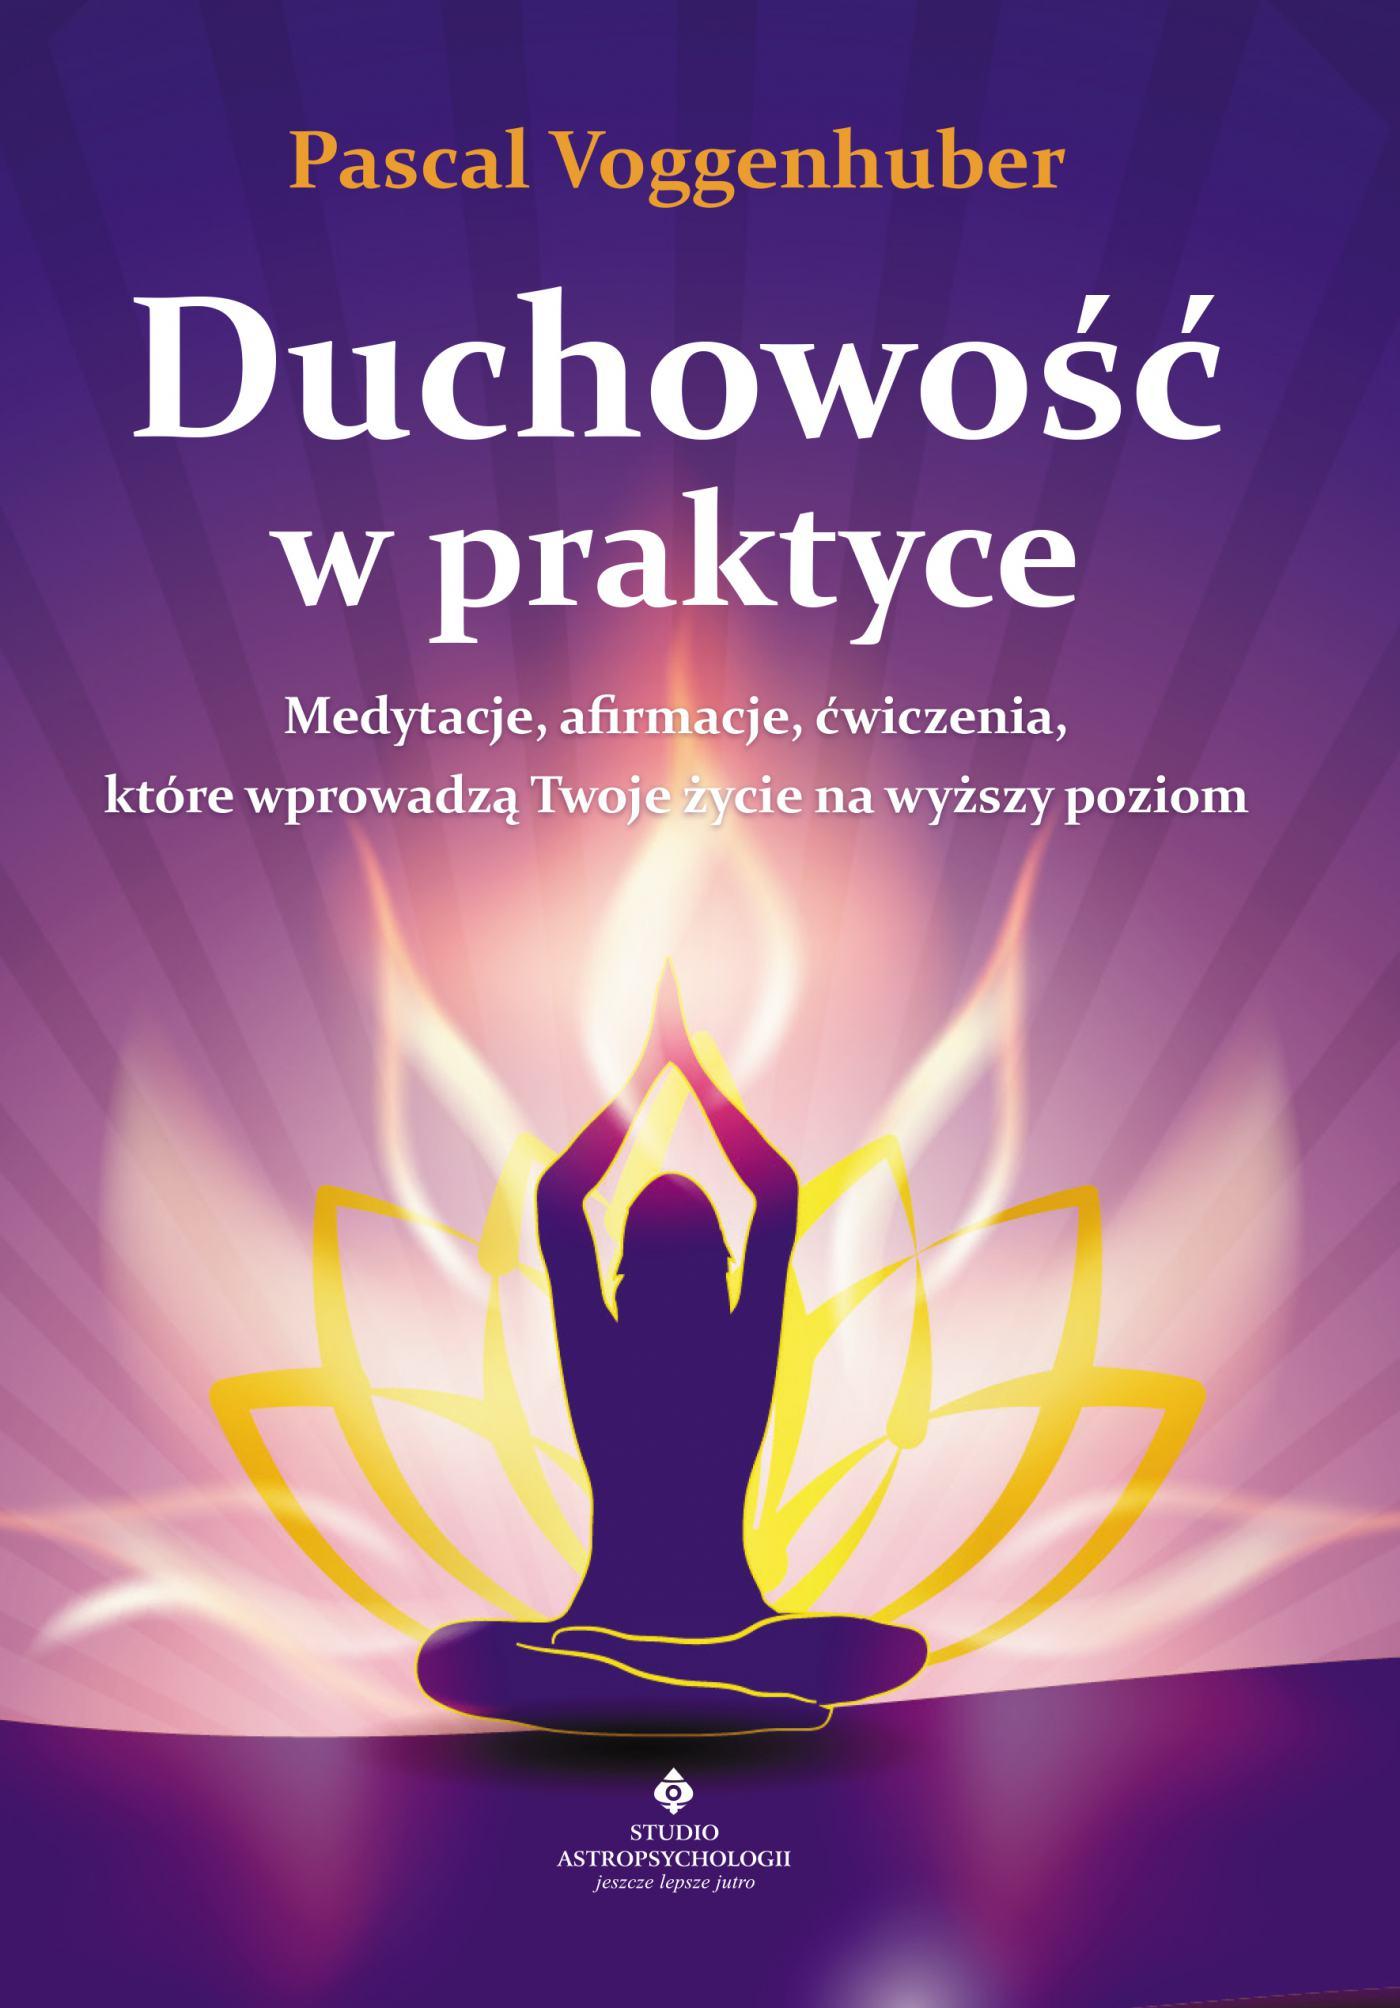 Duchowość w praktyce - Ebook (Książka PDF) do pobrania w formacie PDF